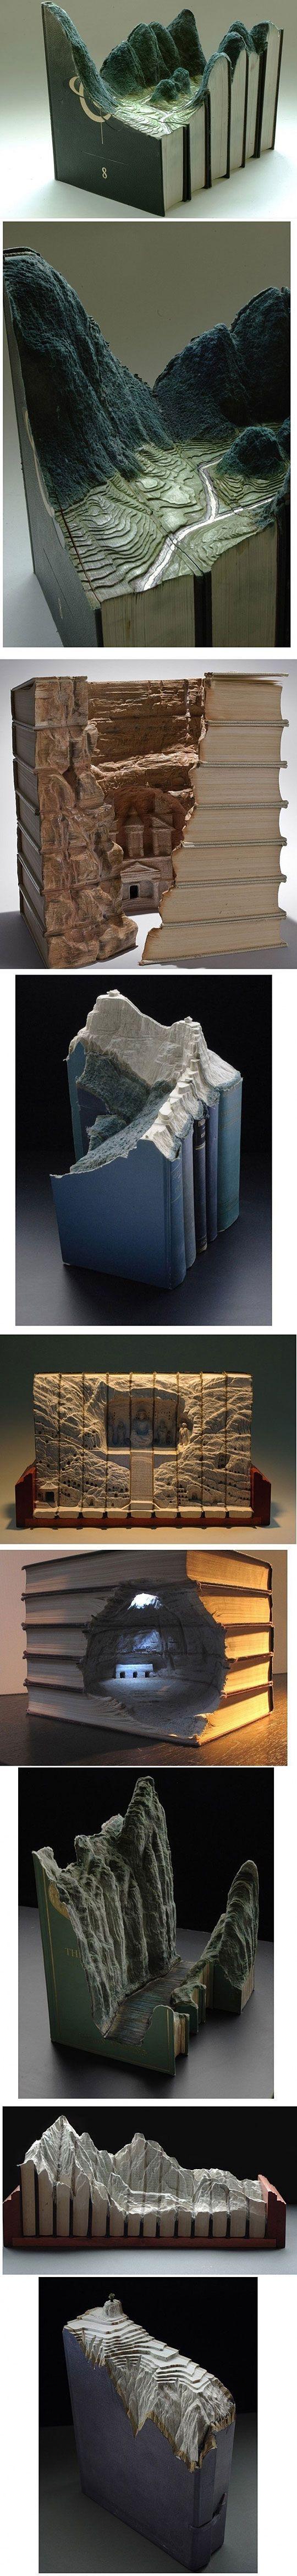 Livros de artistas (livros concertina) - Criar é agir, é viver